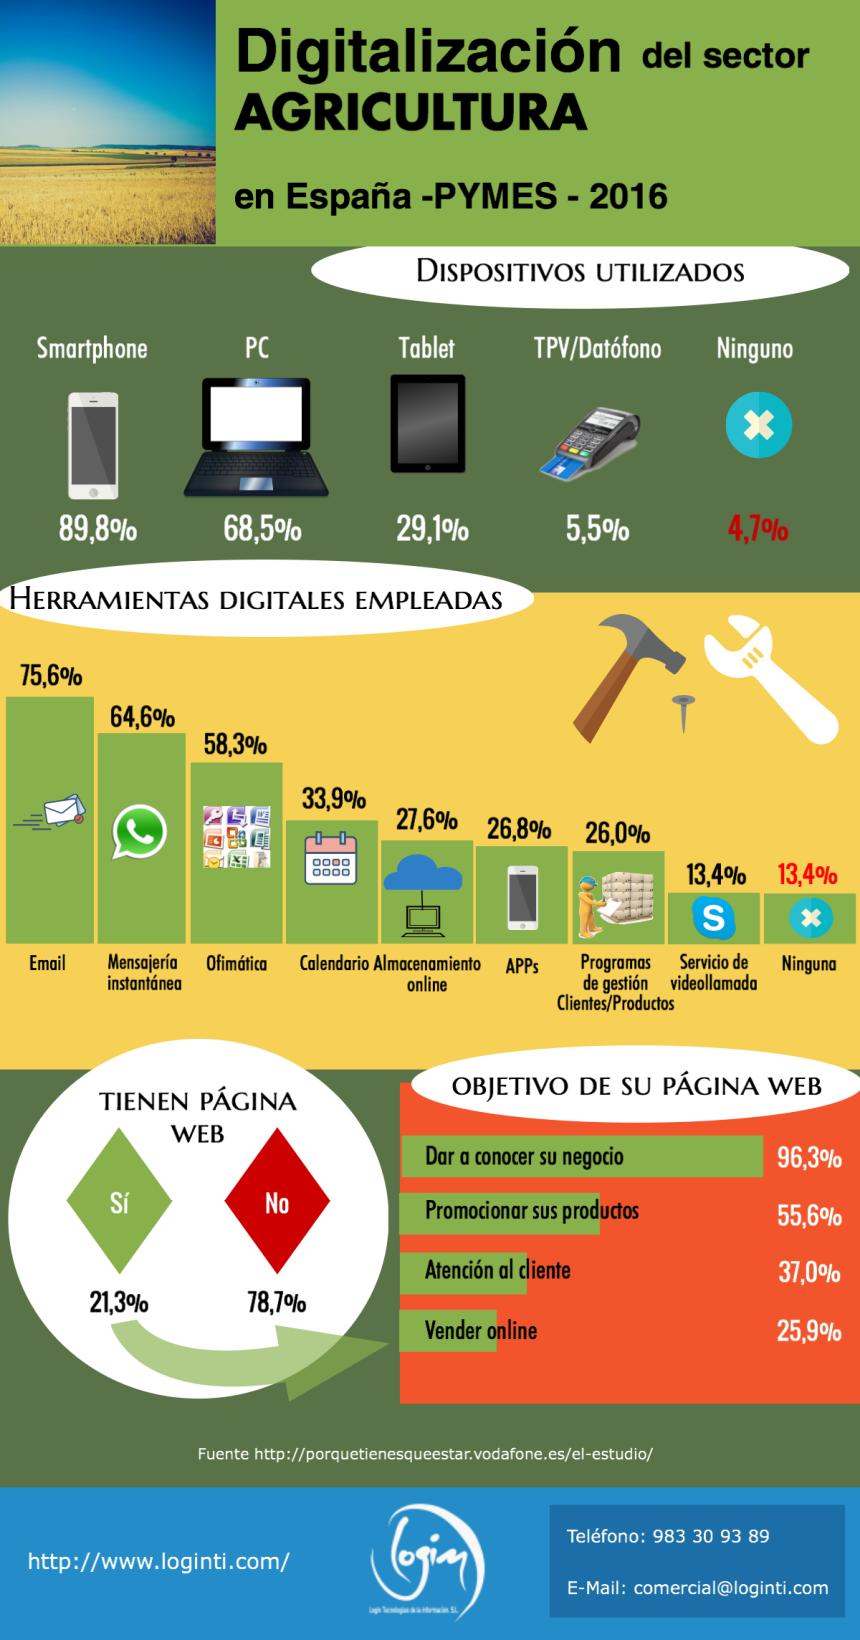 Digitalización del Sector Agricultura en España 2016